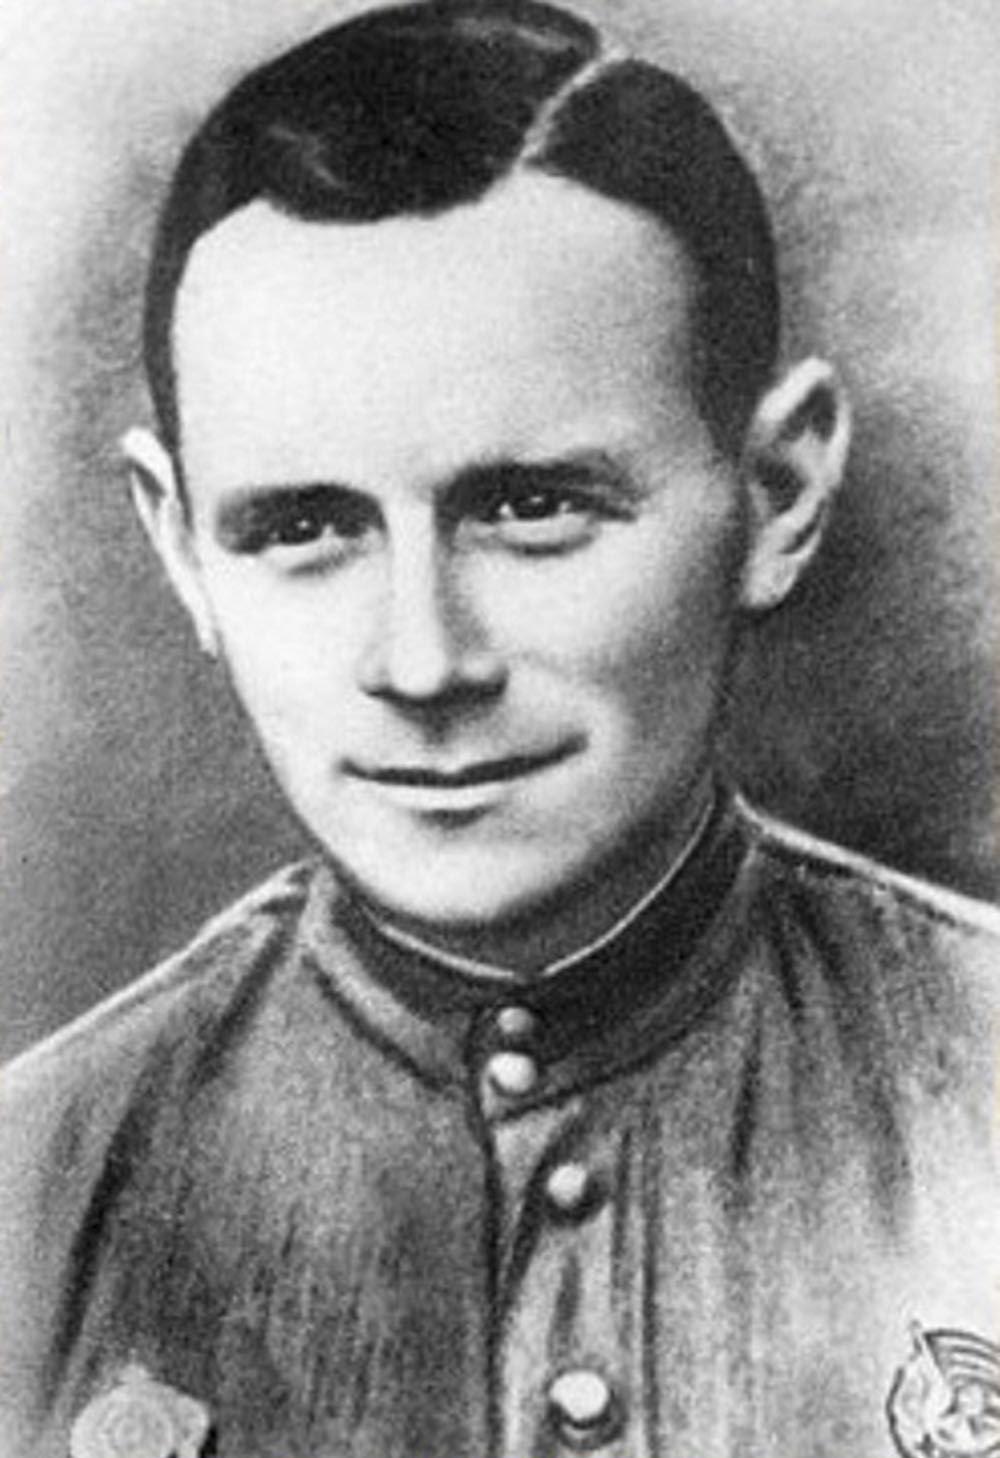 Fritz Hans Werner Schmenkel